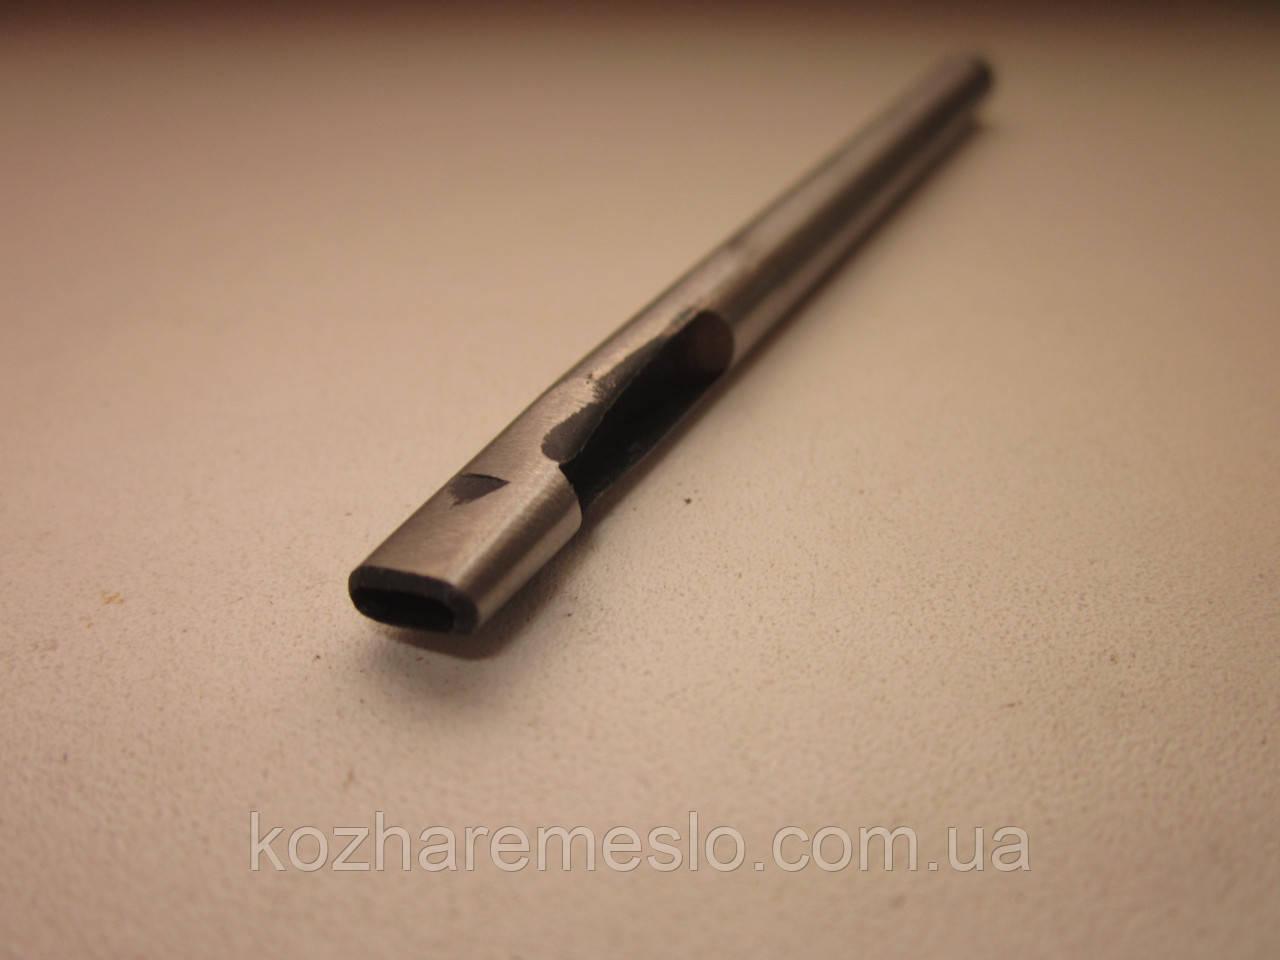 Просечка - пробойник для кожи овальный 5 х 2 мм